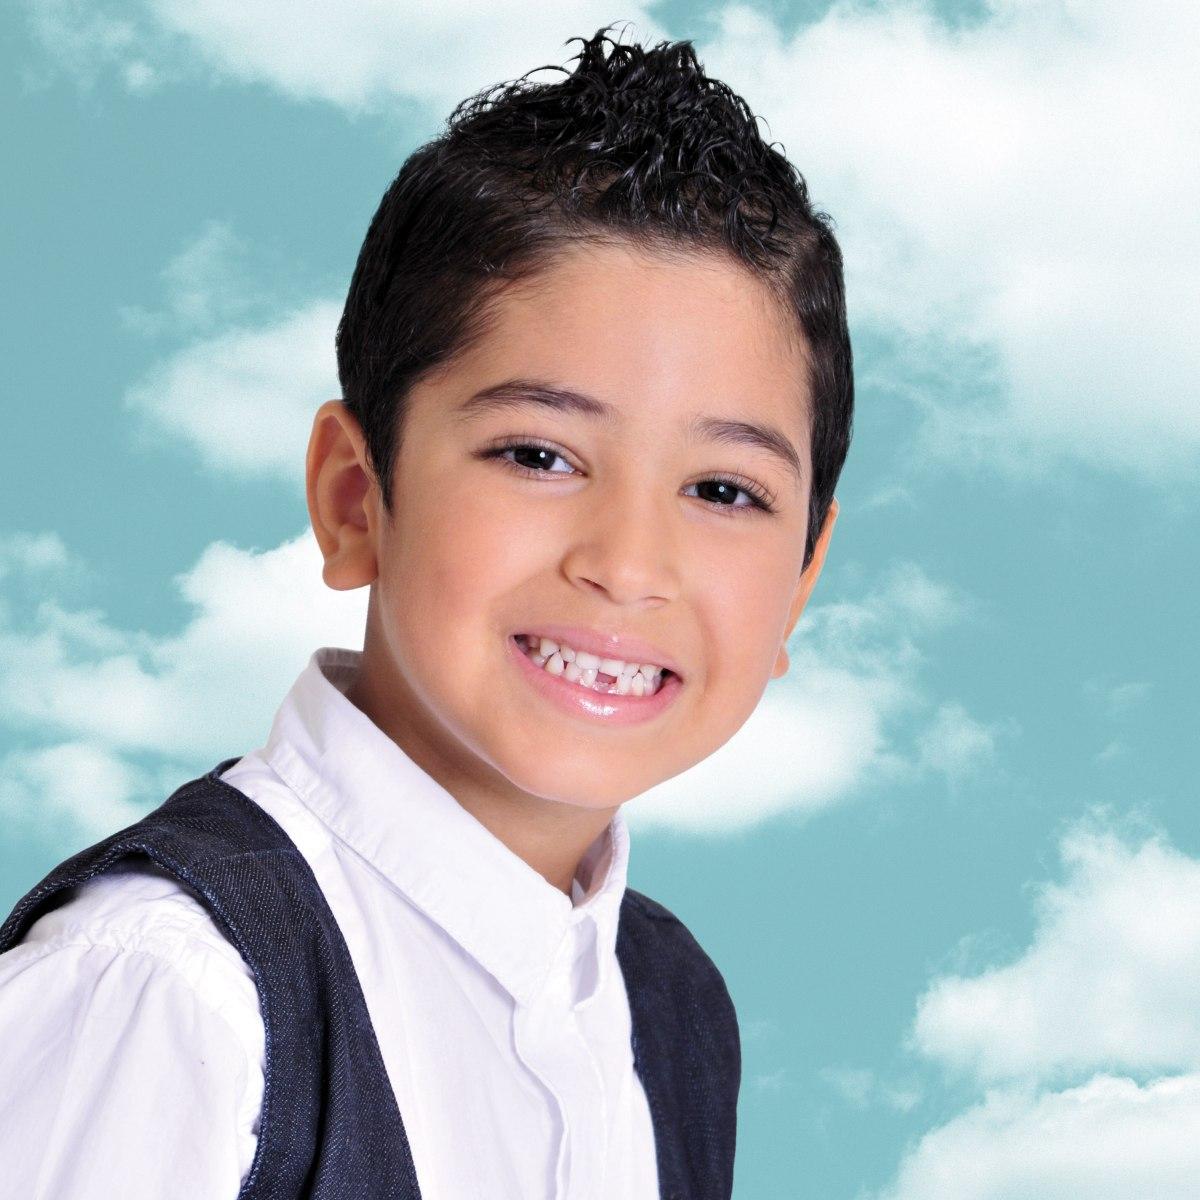 Haarsnit Met Gel Voor Kleine Jongens Met Weerbarstig